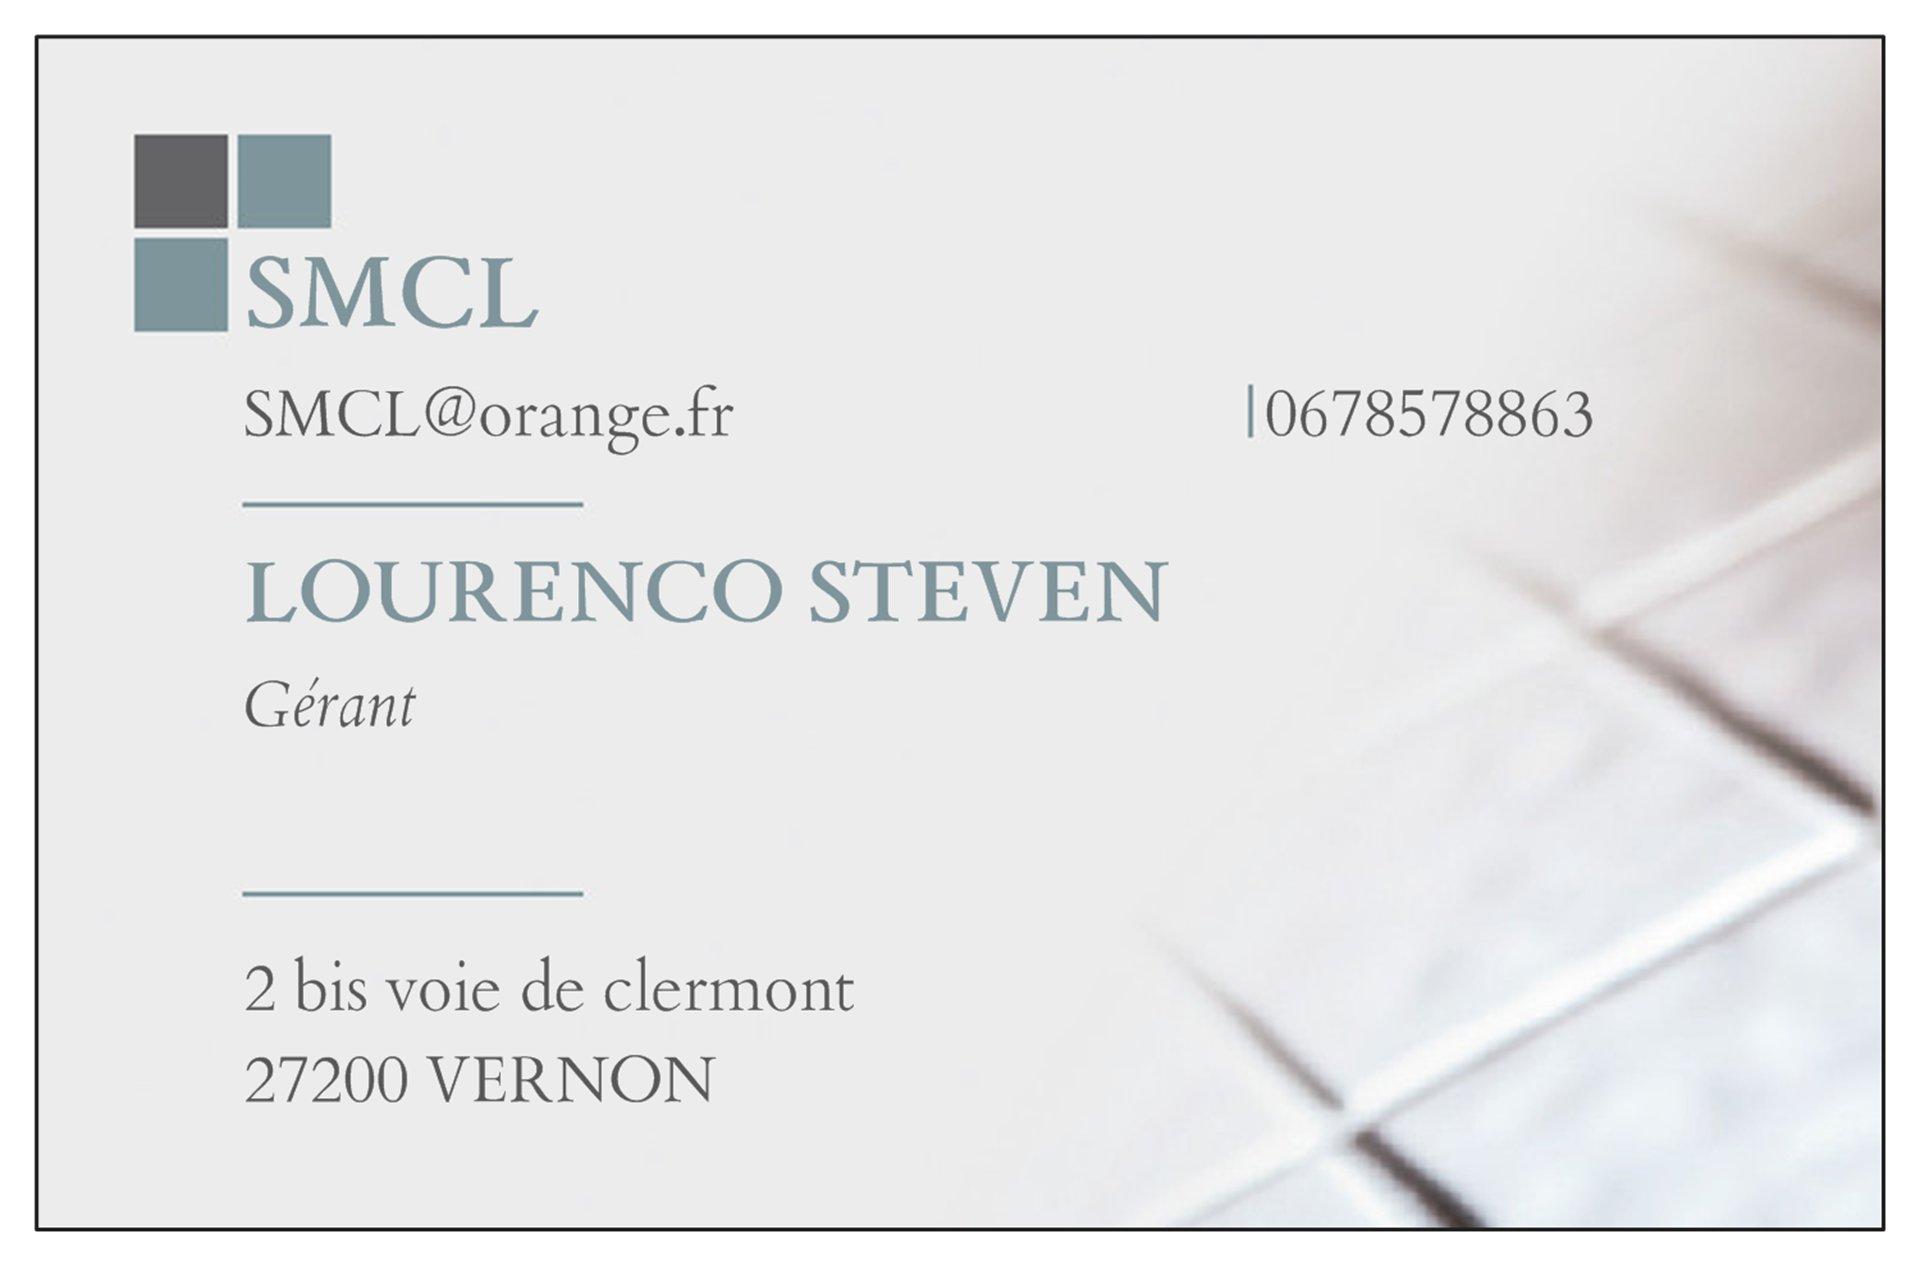 Logo de SMCL, société de travaux en Construction, murs, cloisons, plafonds